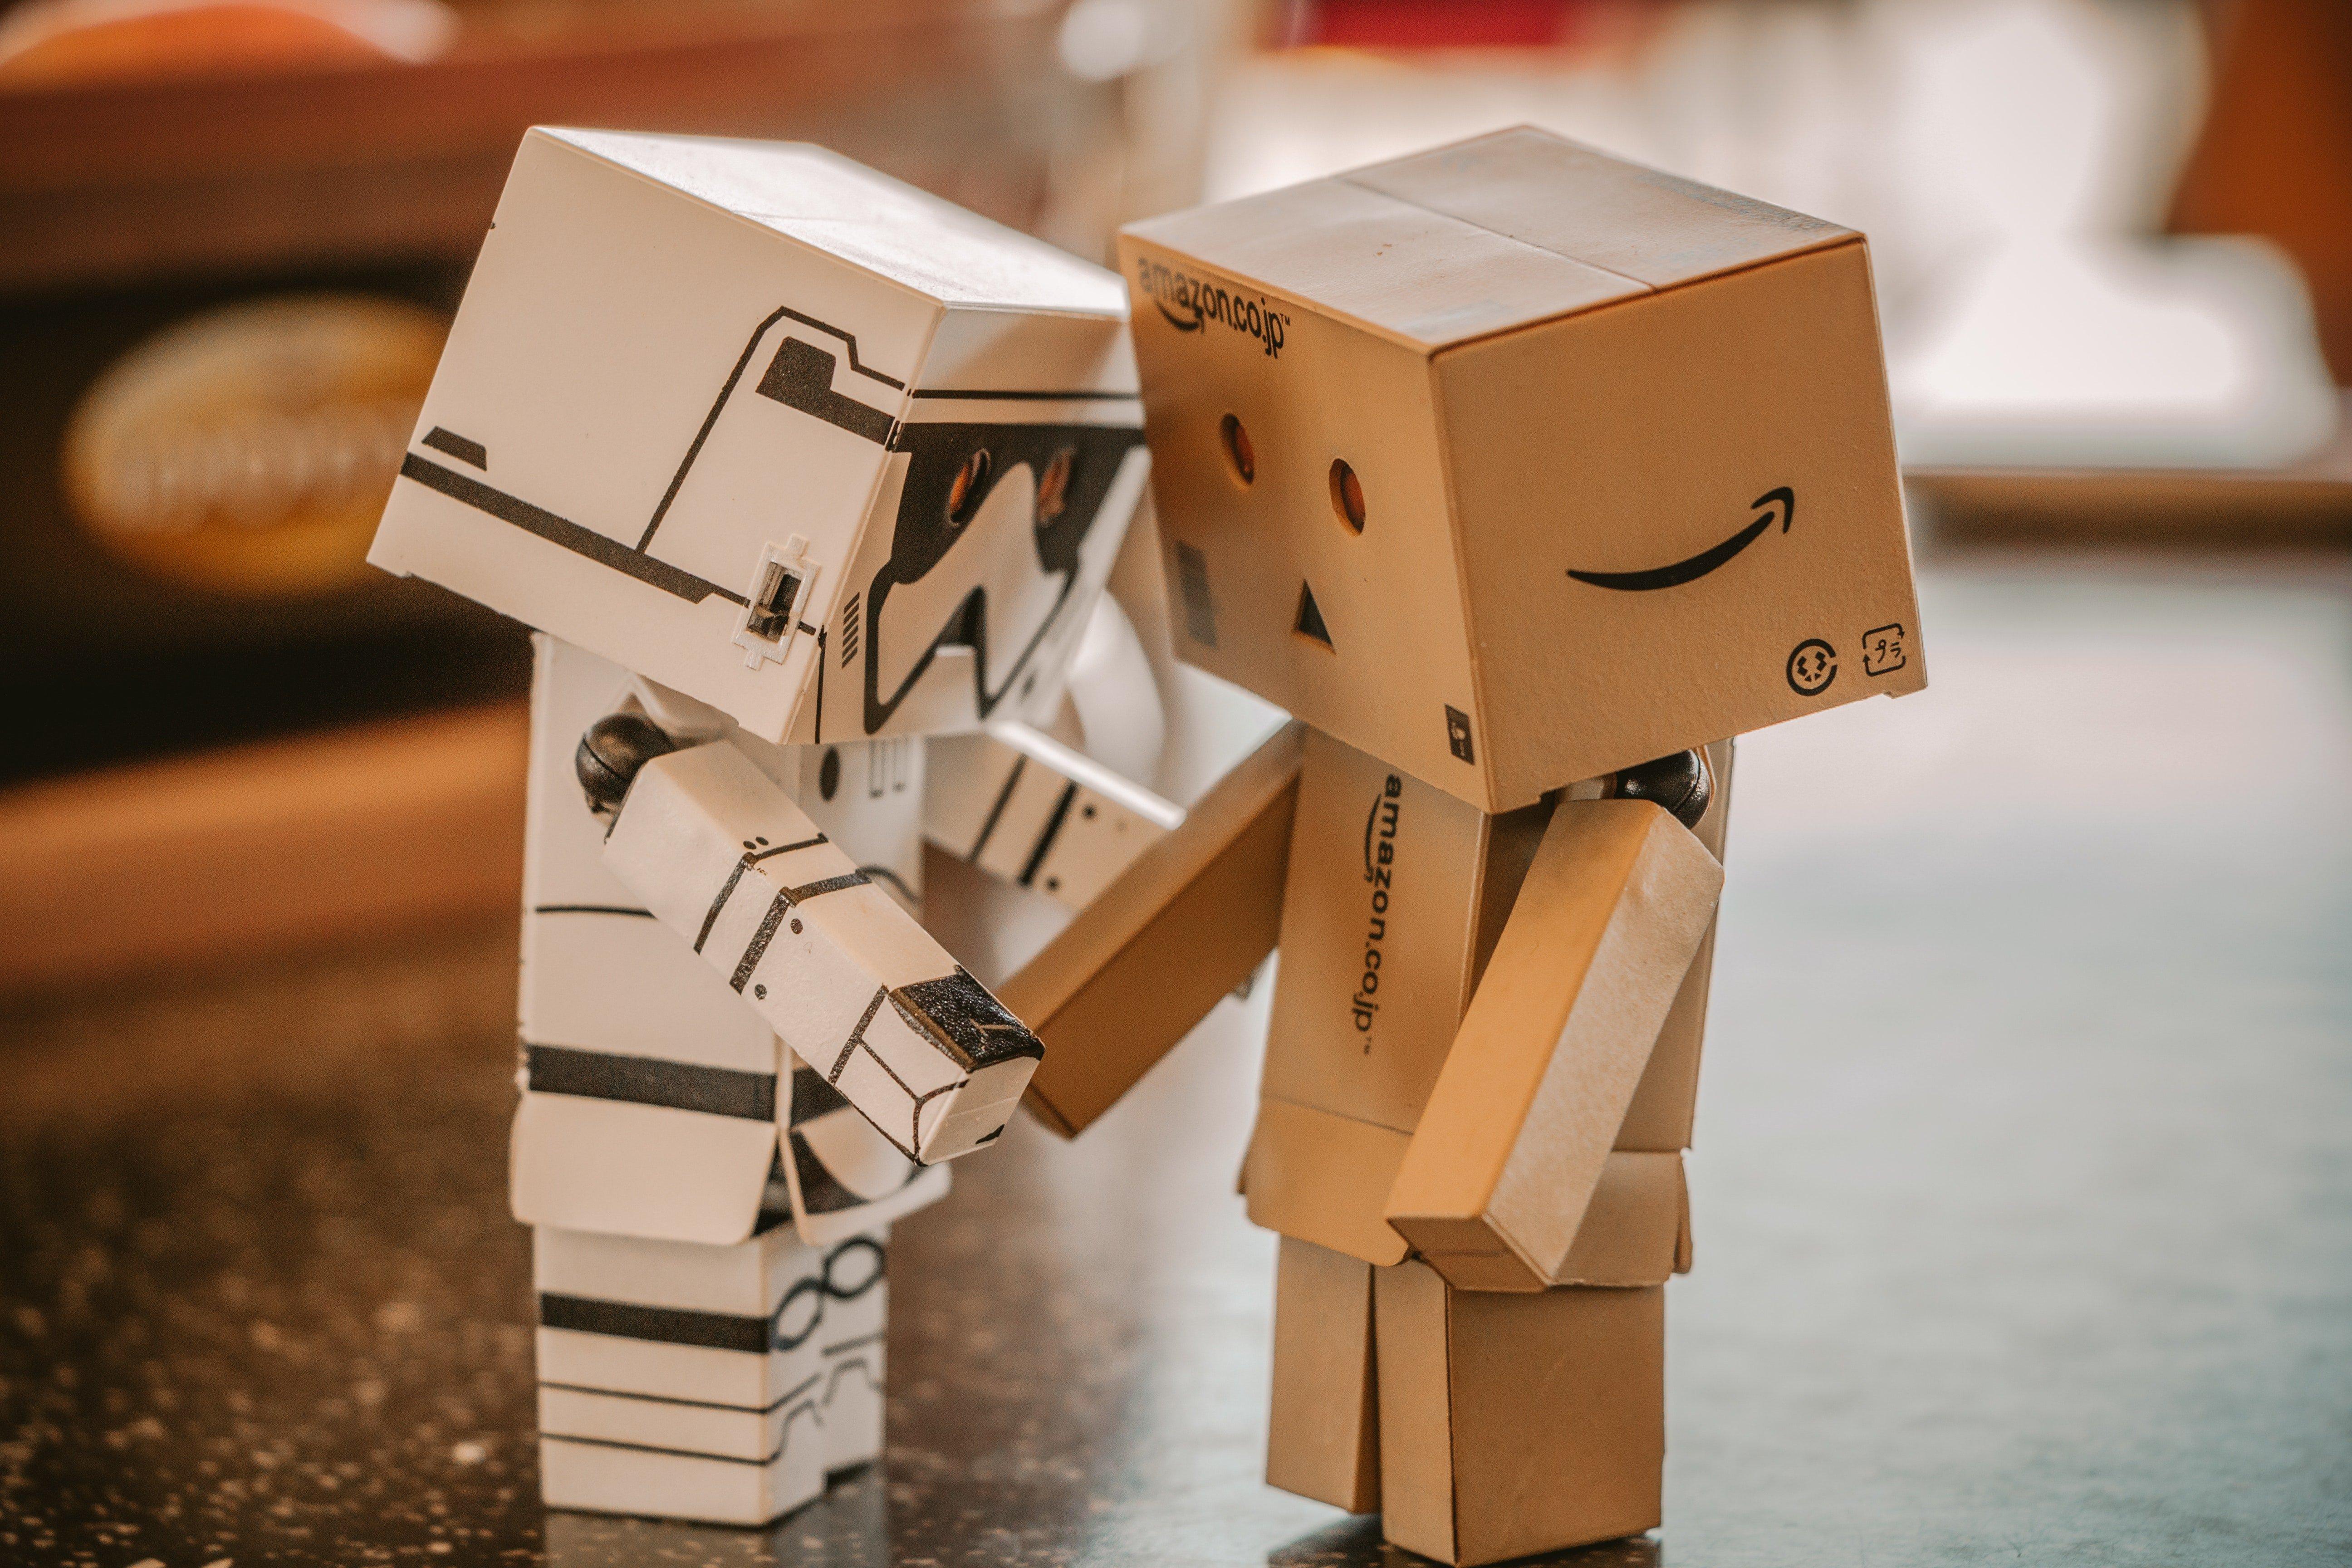 Building intelligent Bots_Cloud Collective